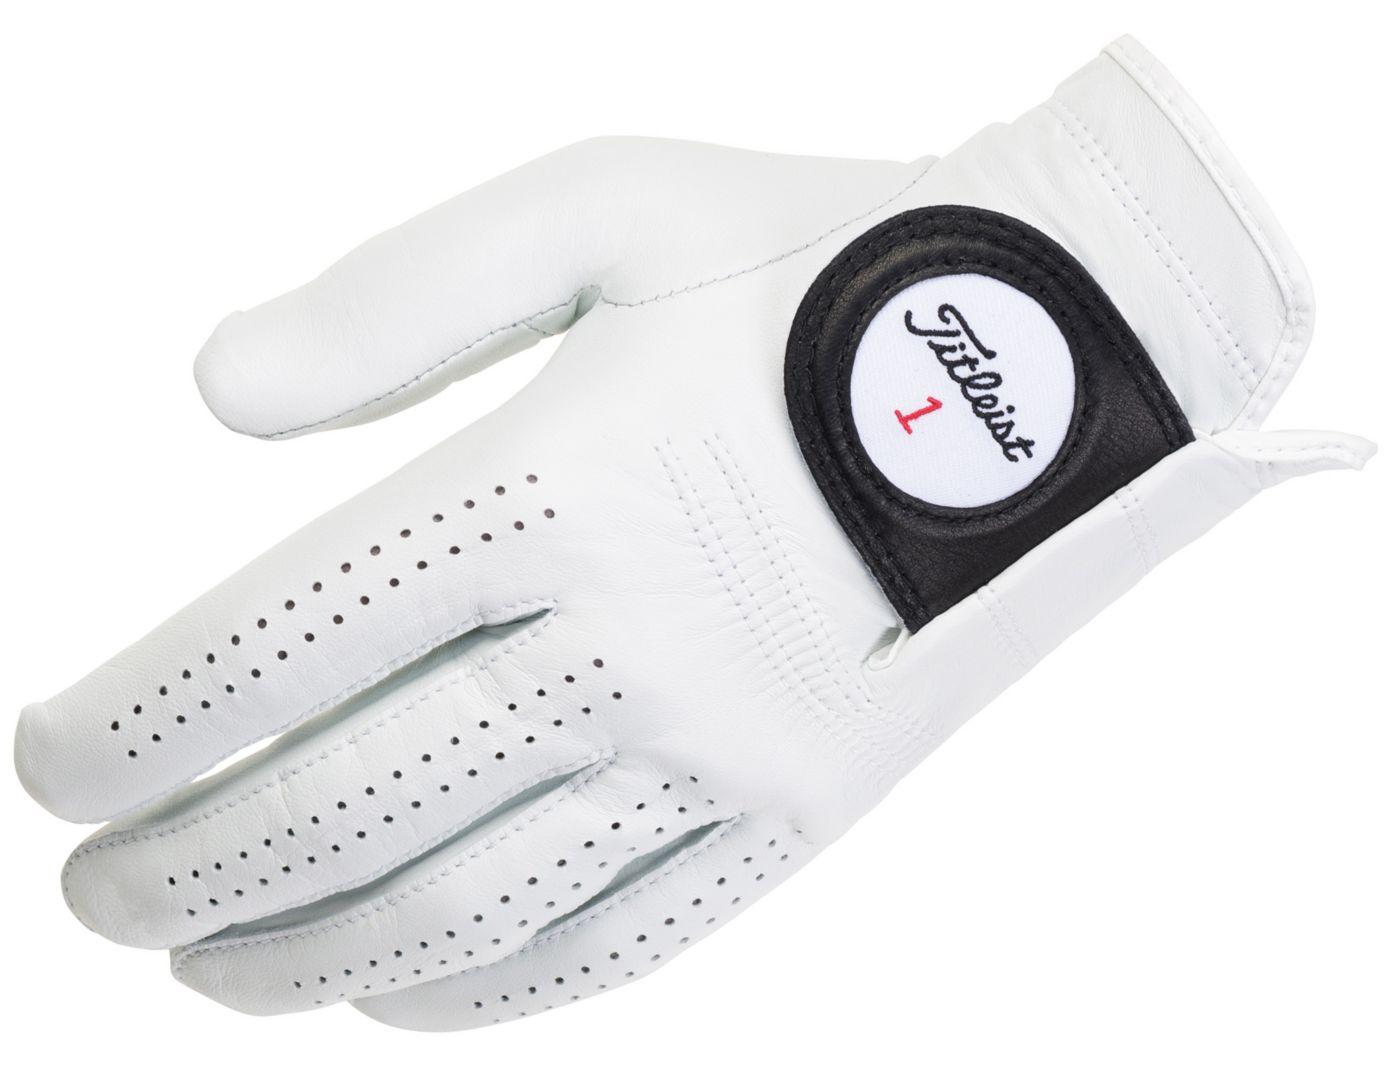 Titleist 2019 Players Golf Glove